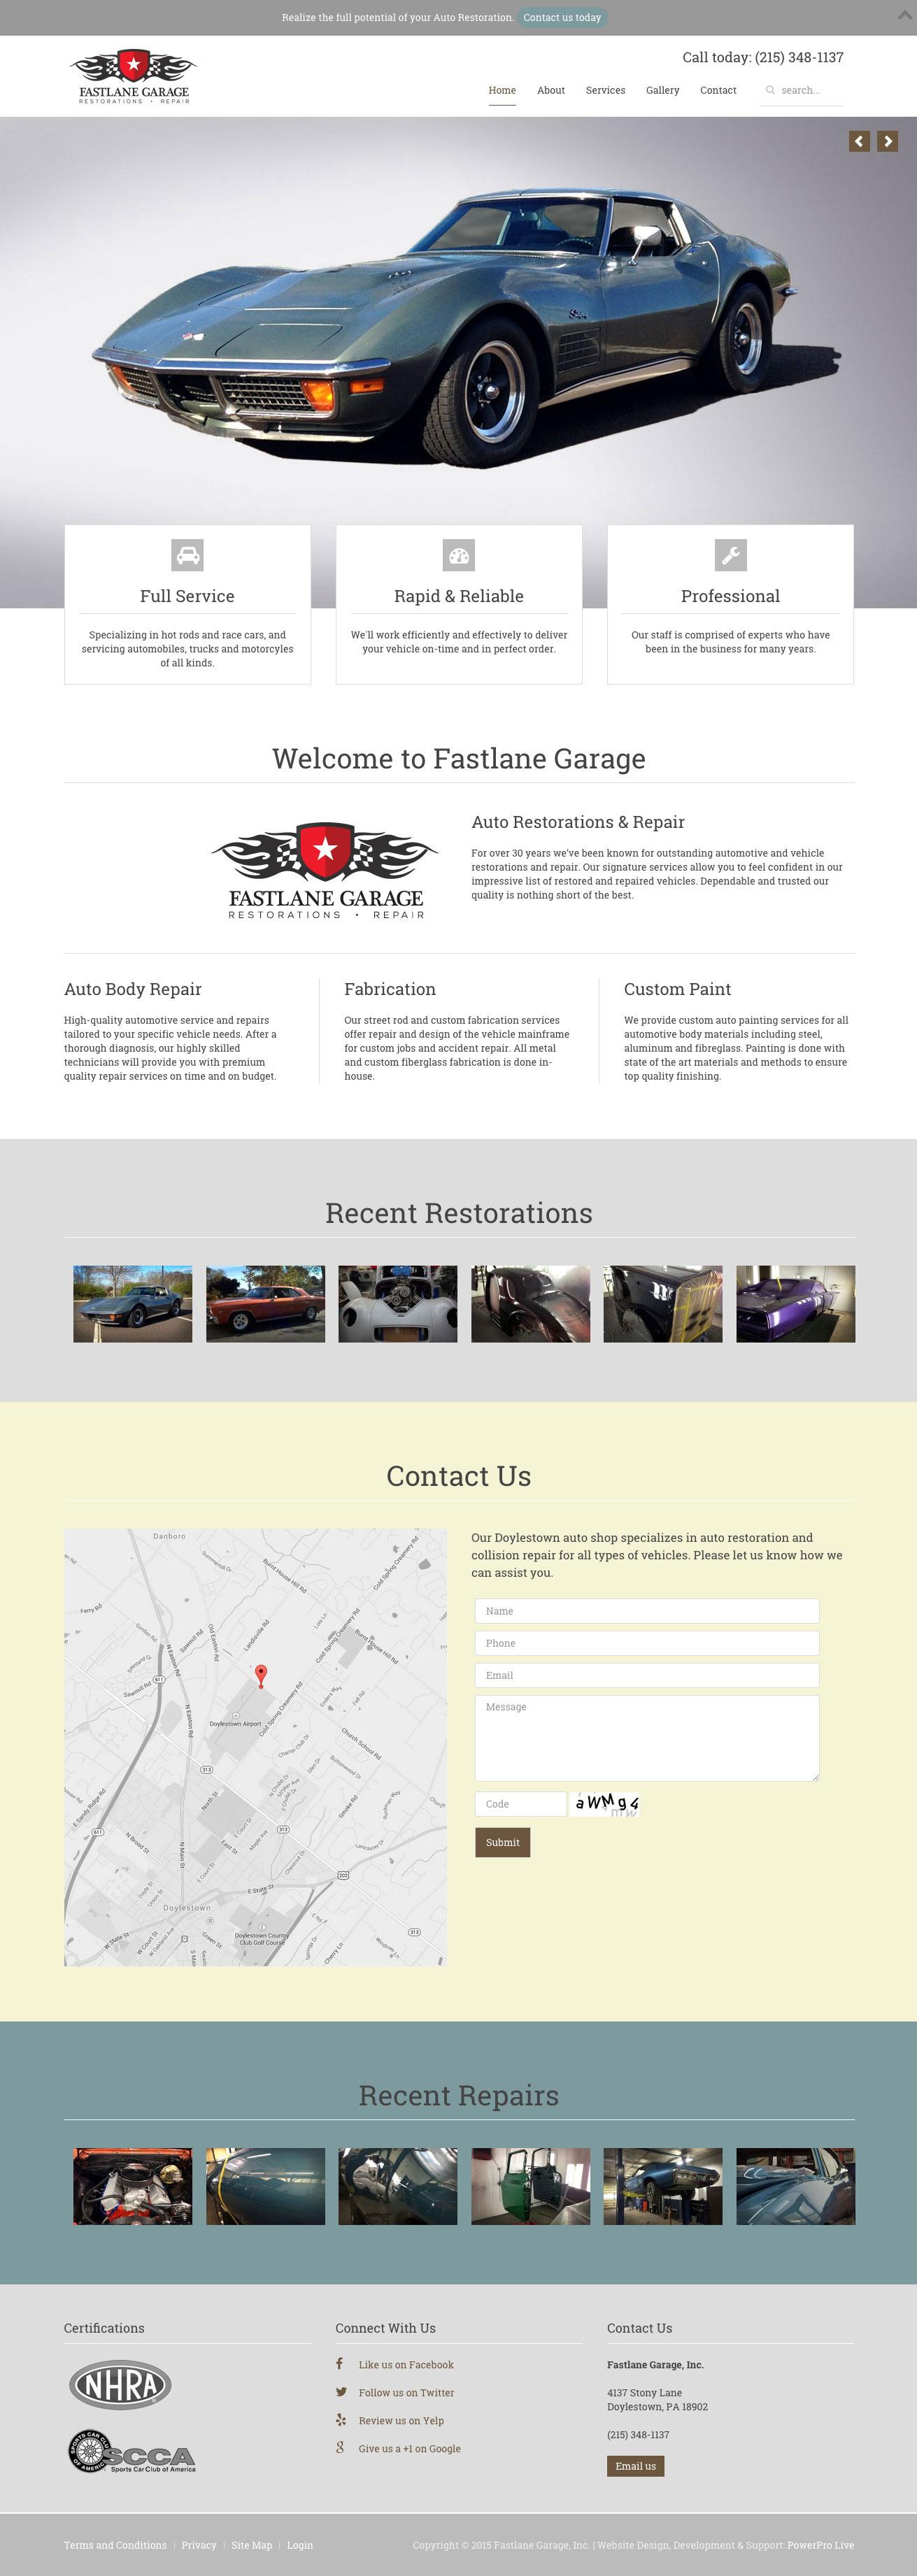 fastlane-garage-website